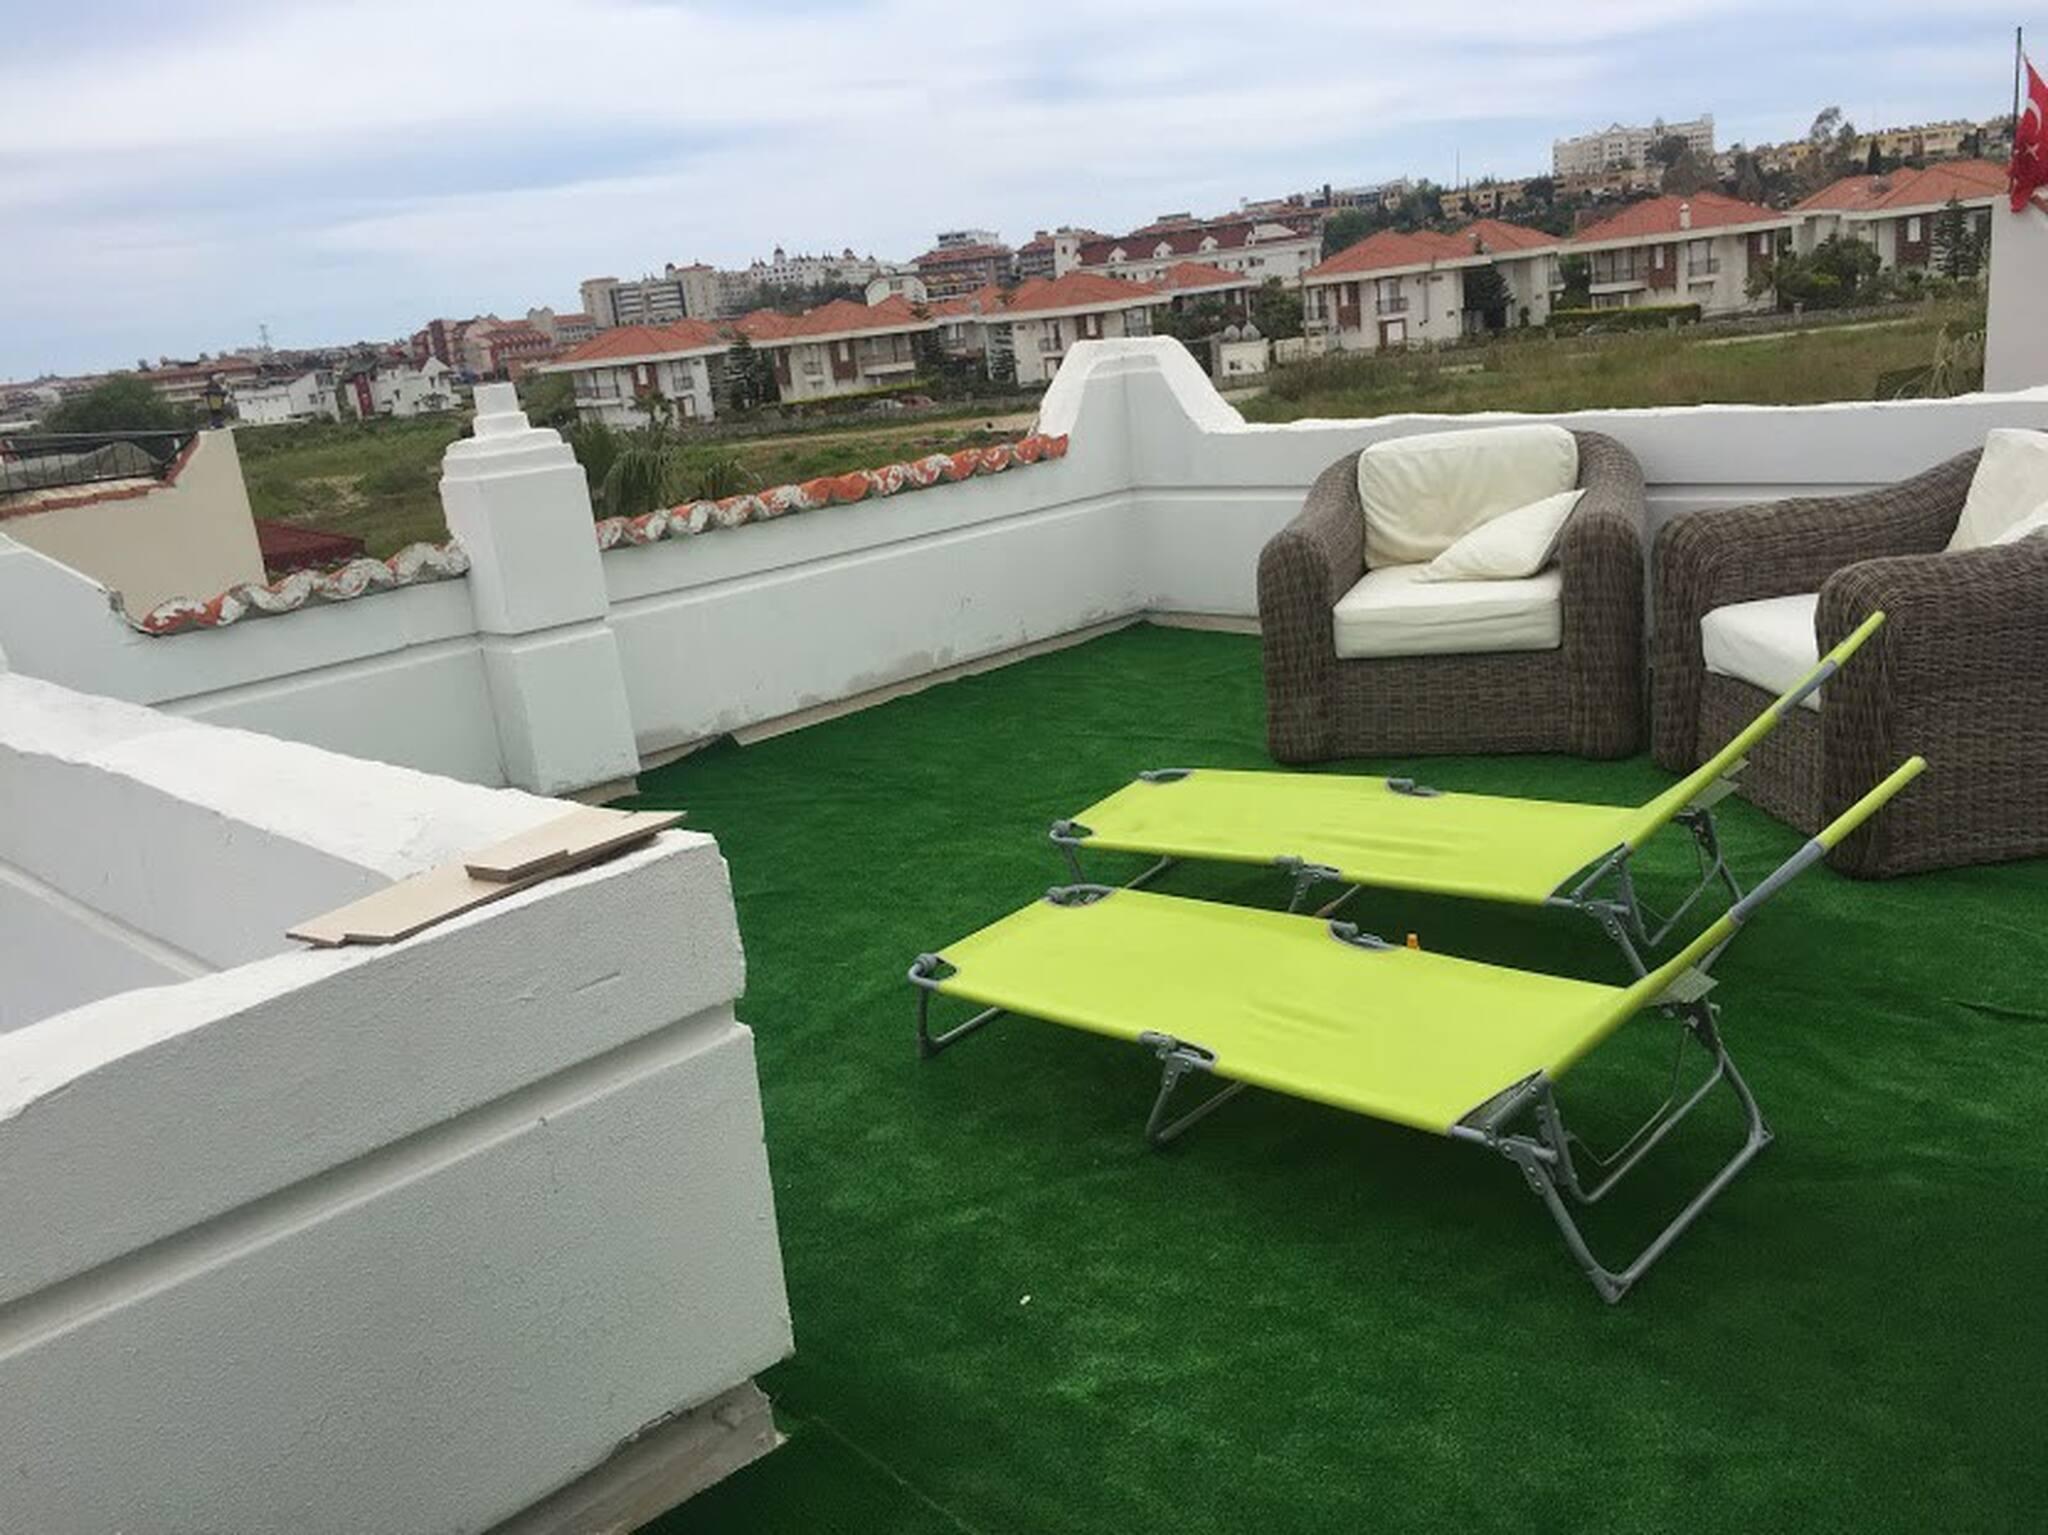 Gemtliche Villa mit Gemeinschaftspool, Sonnenfalle auf dem Dach